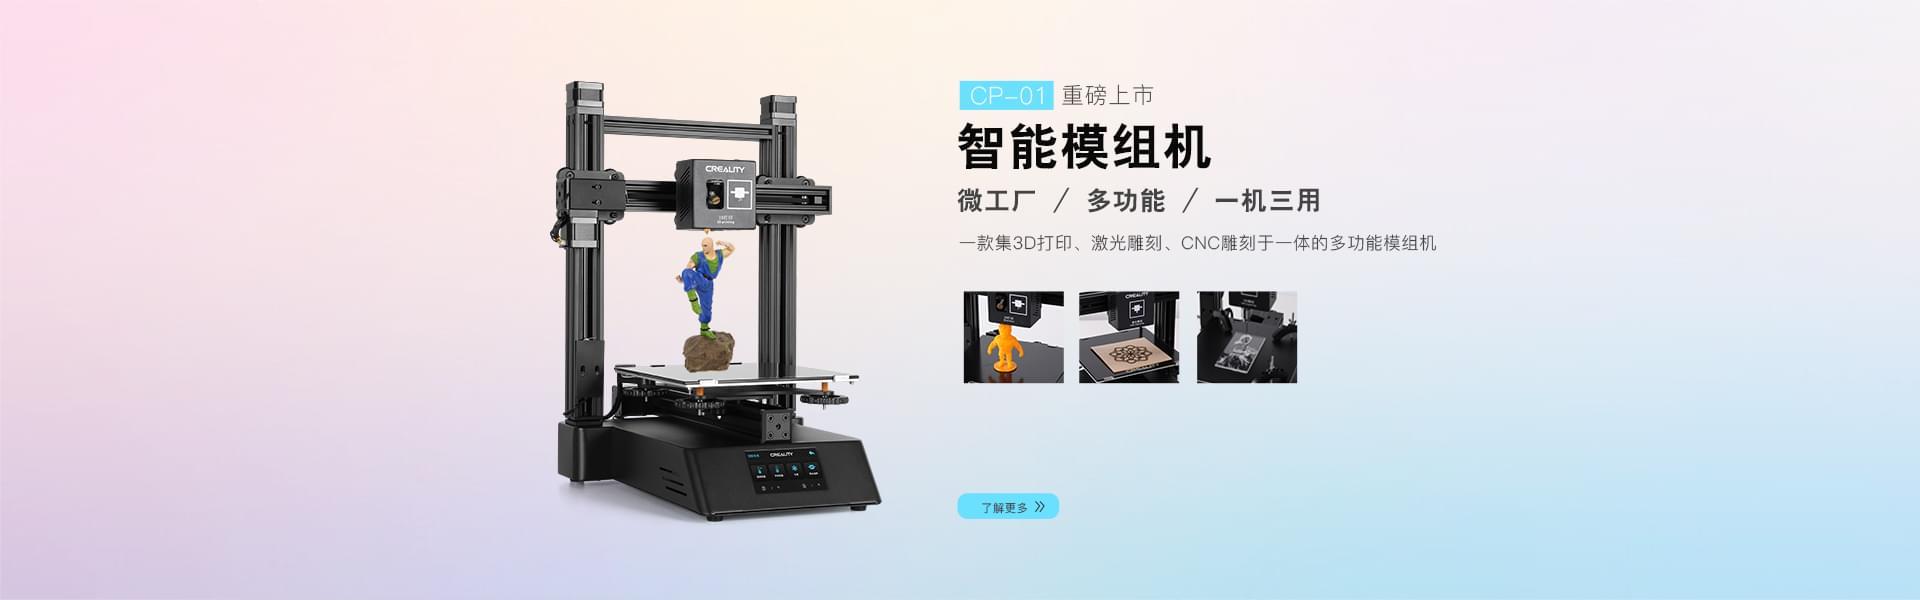 新品3D打印机_重磅_CP-01智能模组机即将上市,一机三用